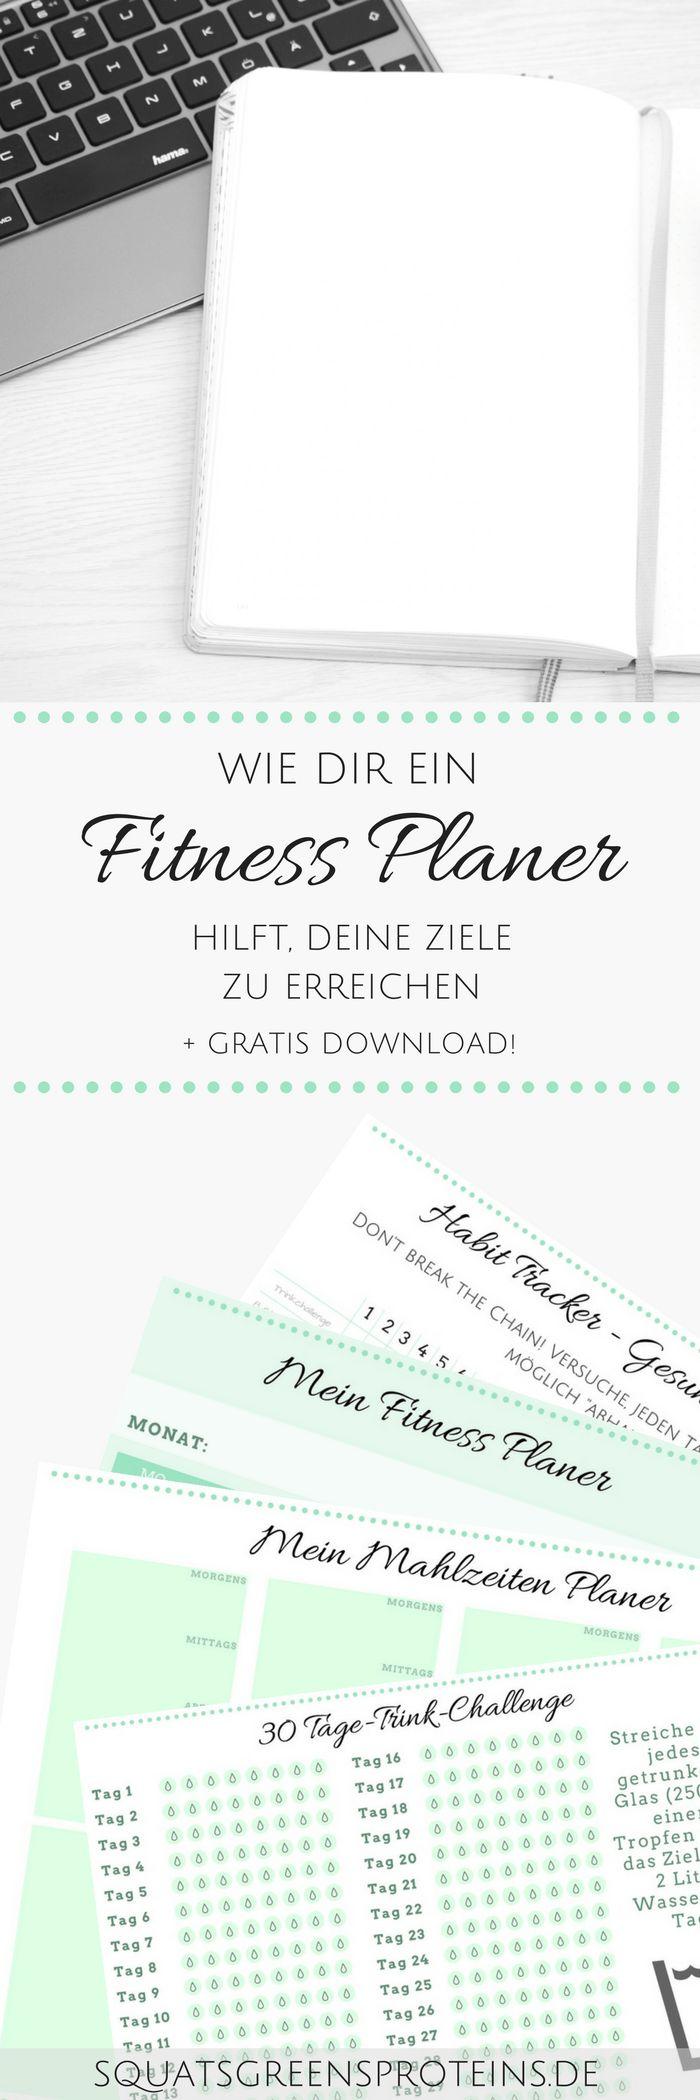 Wie dir ein Fitness Planer dabei hilft deine Ziele zu erreichen - Download Freebie - Fitness Abnehmen Zunehmen Muskelaufbau Kalender - Squats, Greens & Proteins